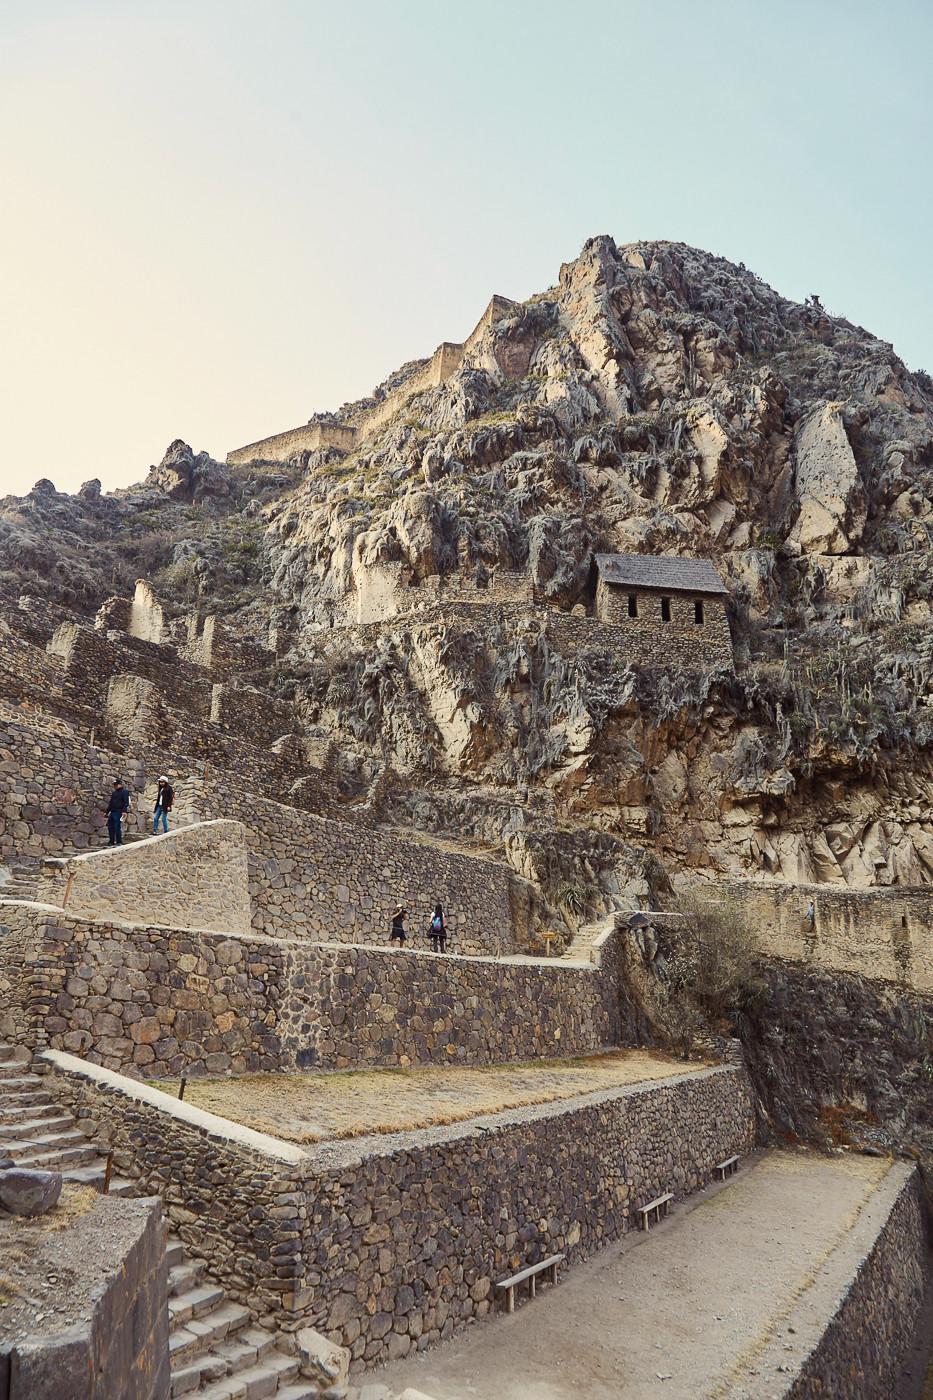 Die Ruinen von Ollantaytambo zählen zu unseren 4 Highlights in Peru. Die Festungsanlagen und der Sonnentempel sind gut erhalten und sehr beeindruckend